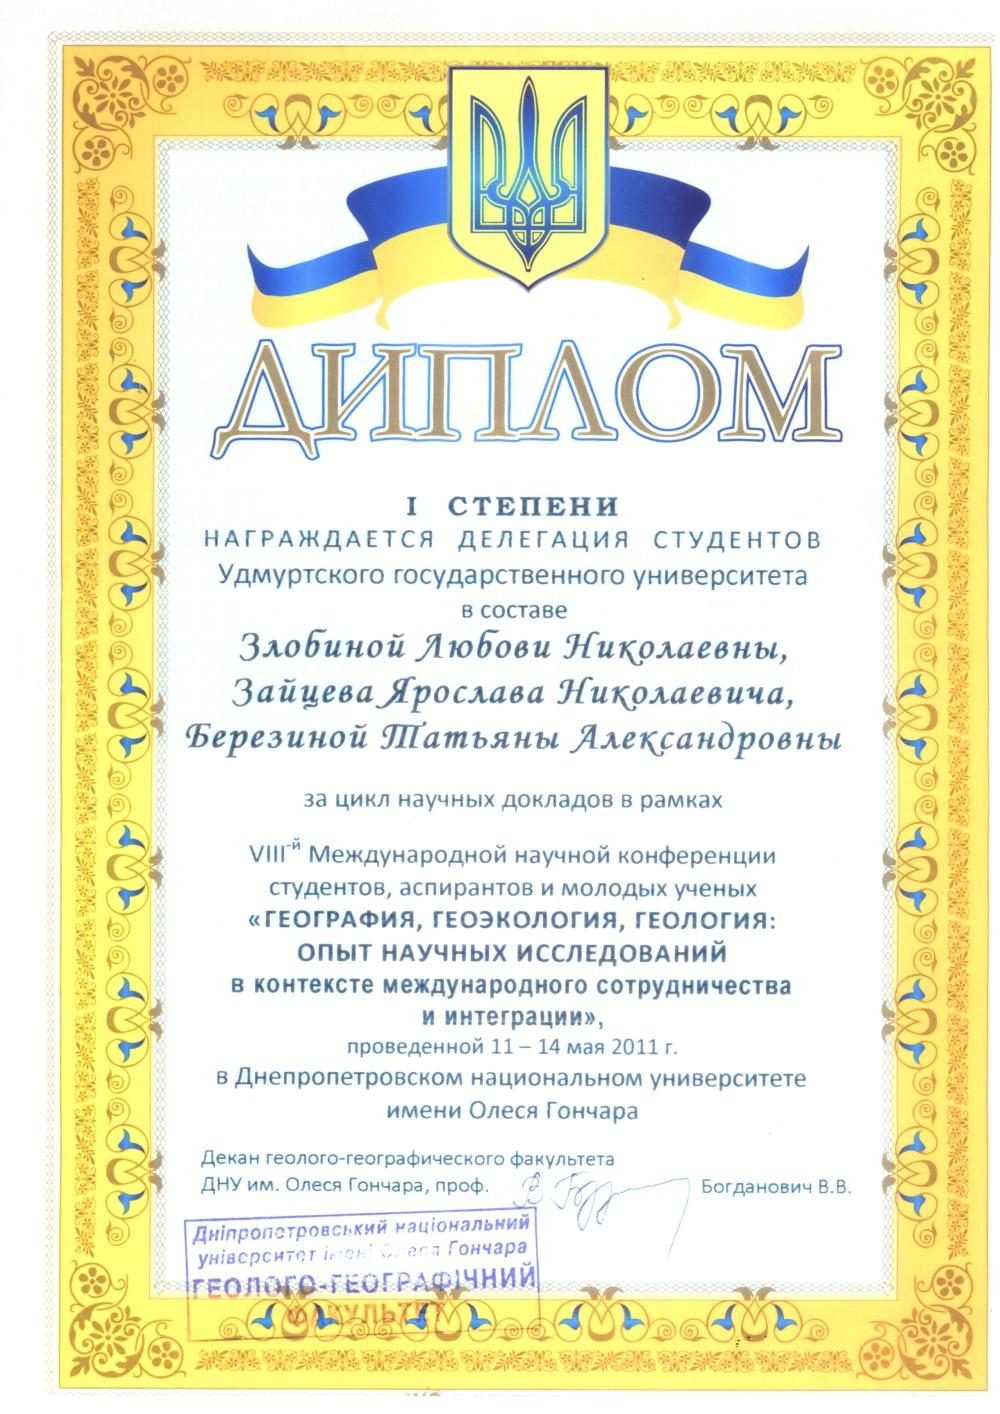 Институт естественных наук Дипломы и грамоты разного уровня Днепропетровск 2011 г